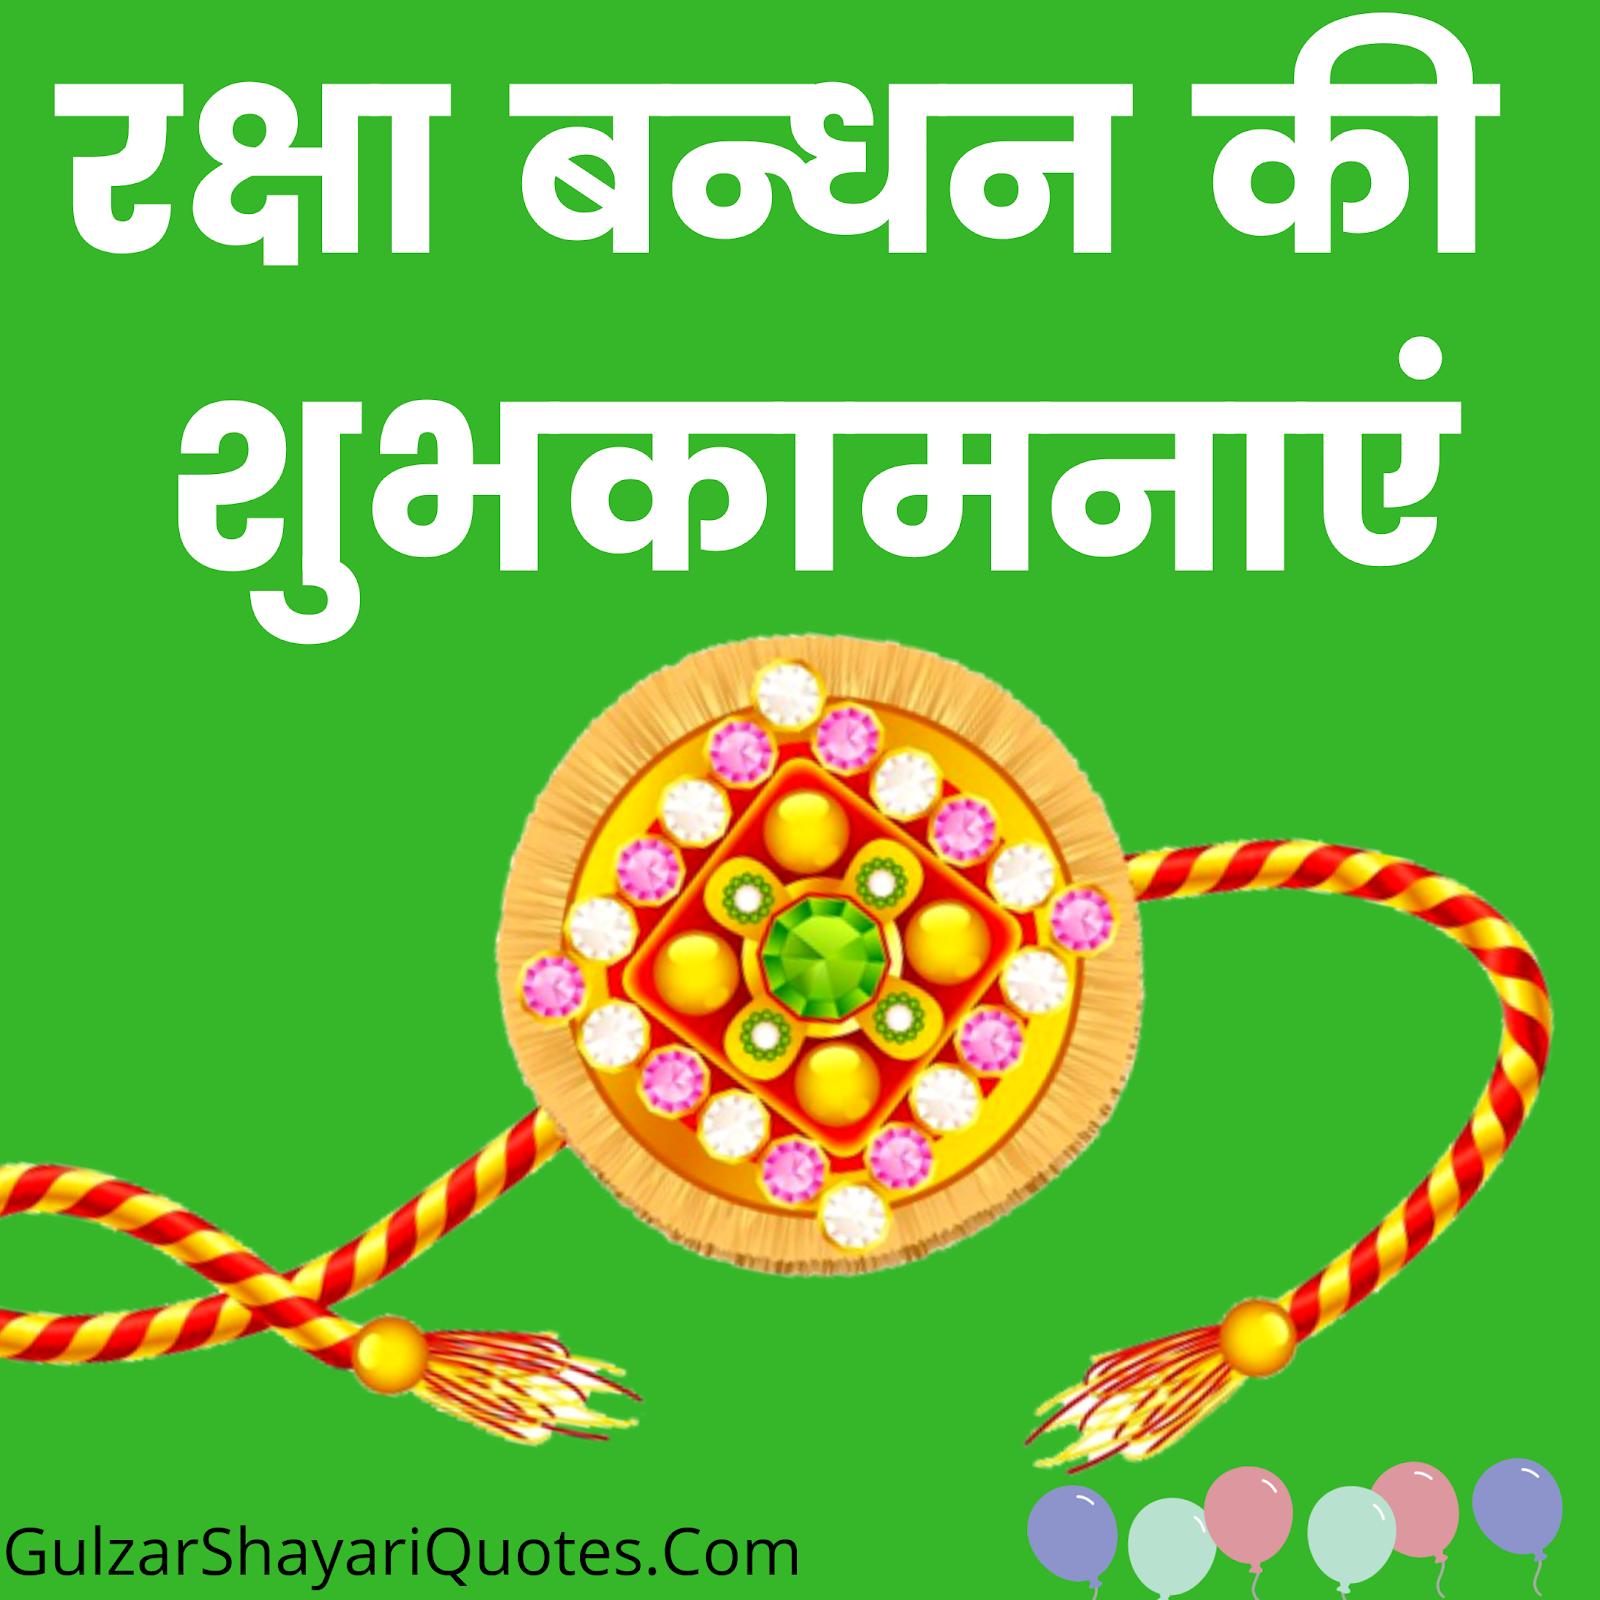 Happy Raksha Bandhan 2020 Images, Quotes, Shayari and Videos